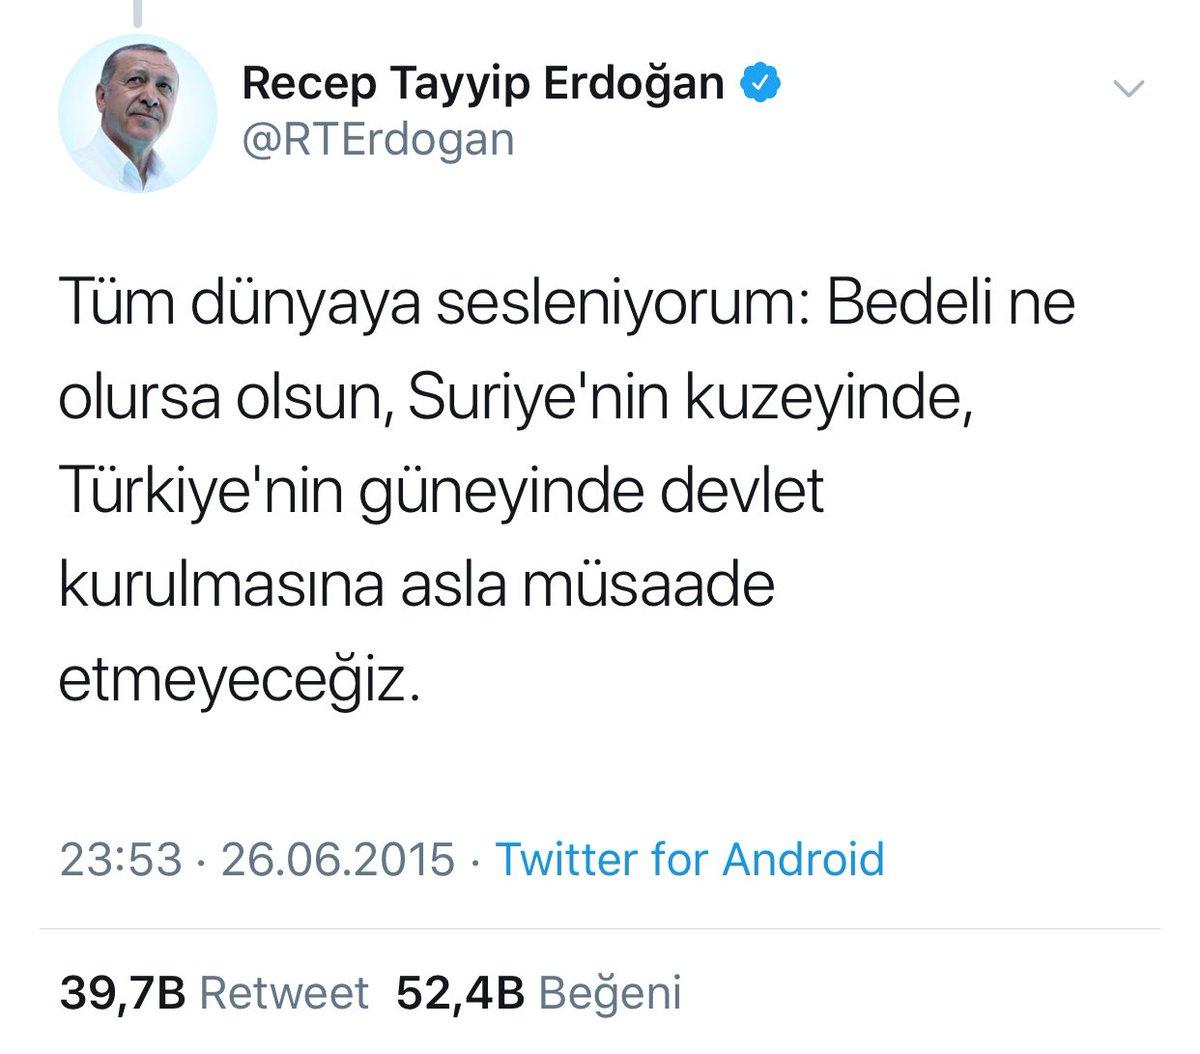 """Tarih: 26.06.2015 Cumhurbaşkanımız @RTErdogan: """"Tüm dünyaya sesleniyorum: Bedeli ne olursa olsun, Suriyenin kuzeyinde, Türkiyenin güneyinde devlet kurulmasına asla müsaade etmeyeceğiz."""" #TurkeyWon"""